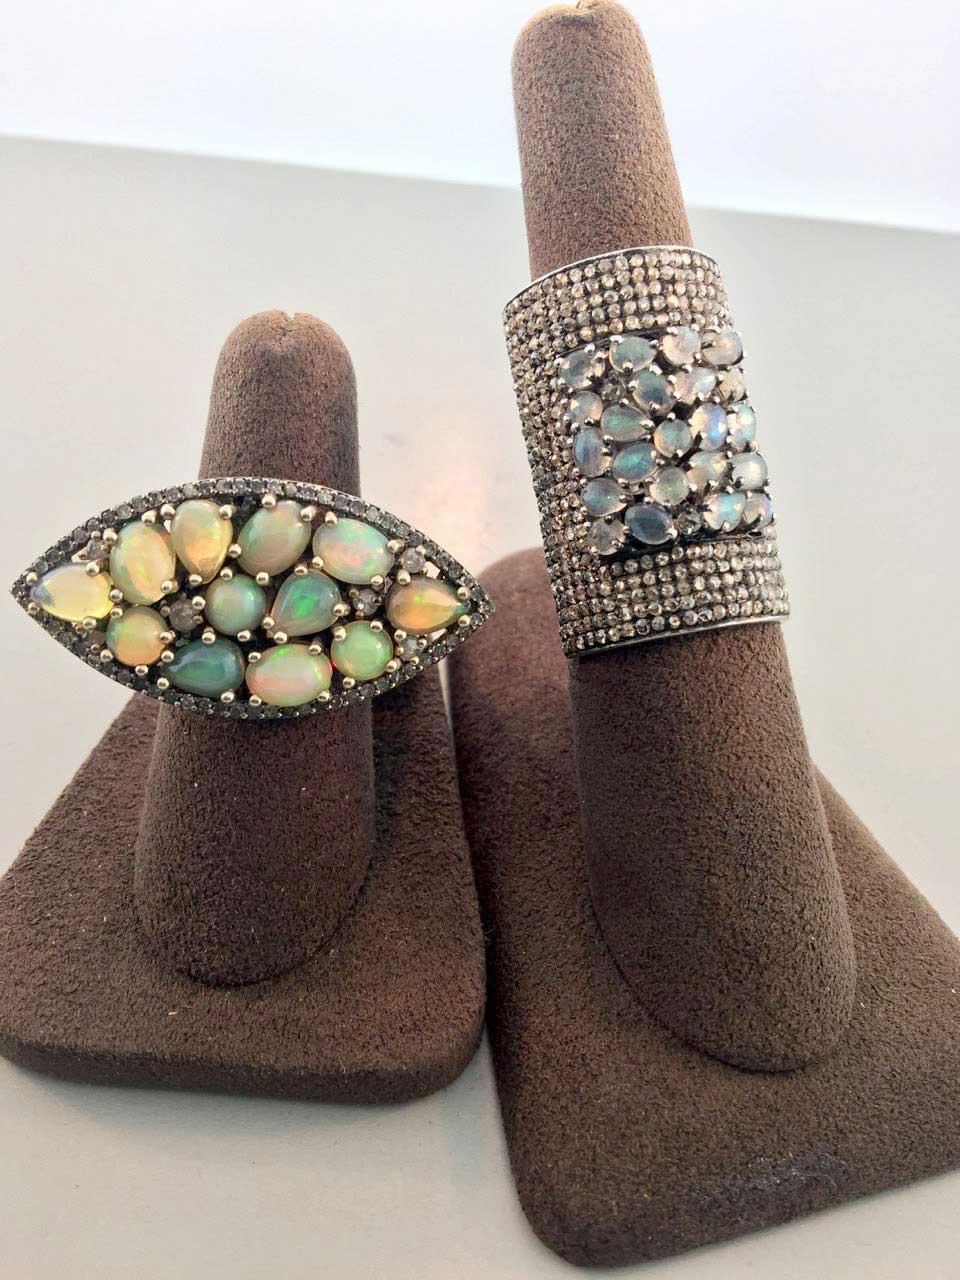 Bavna Jewlery East Towne Jewelers in Mequon WI